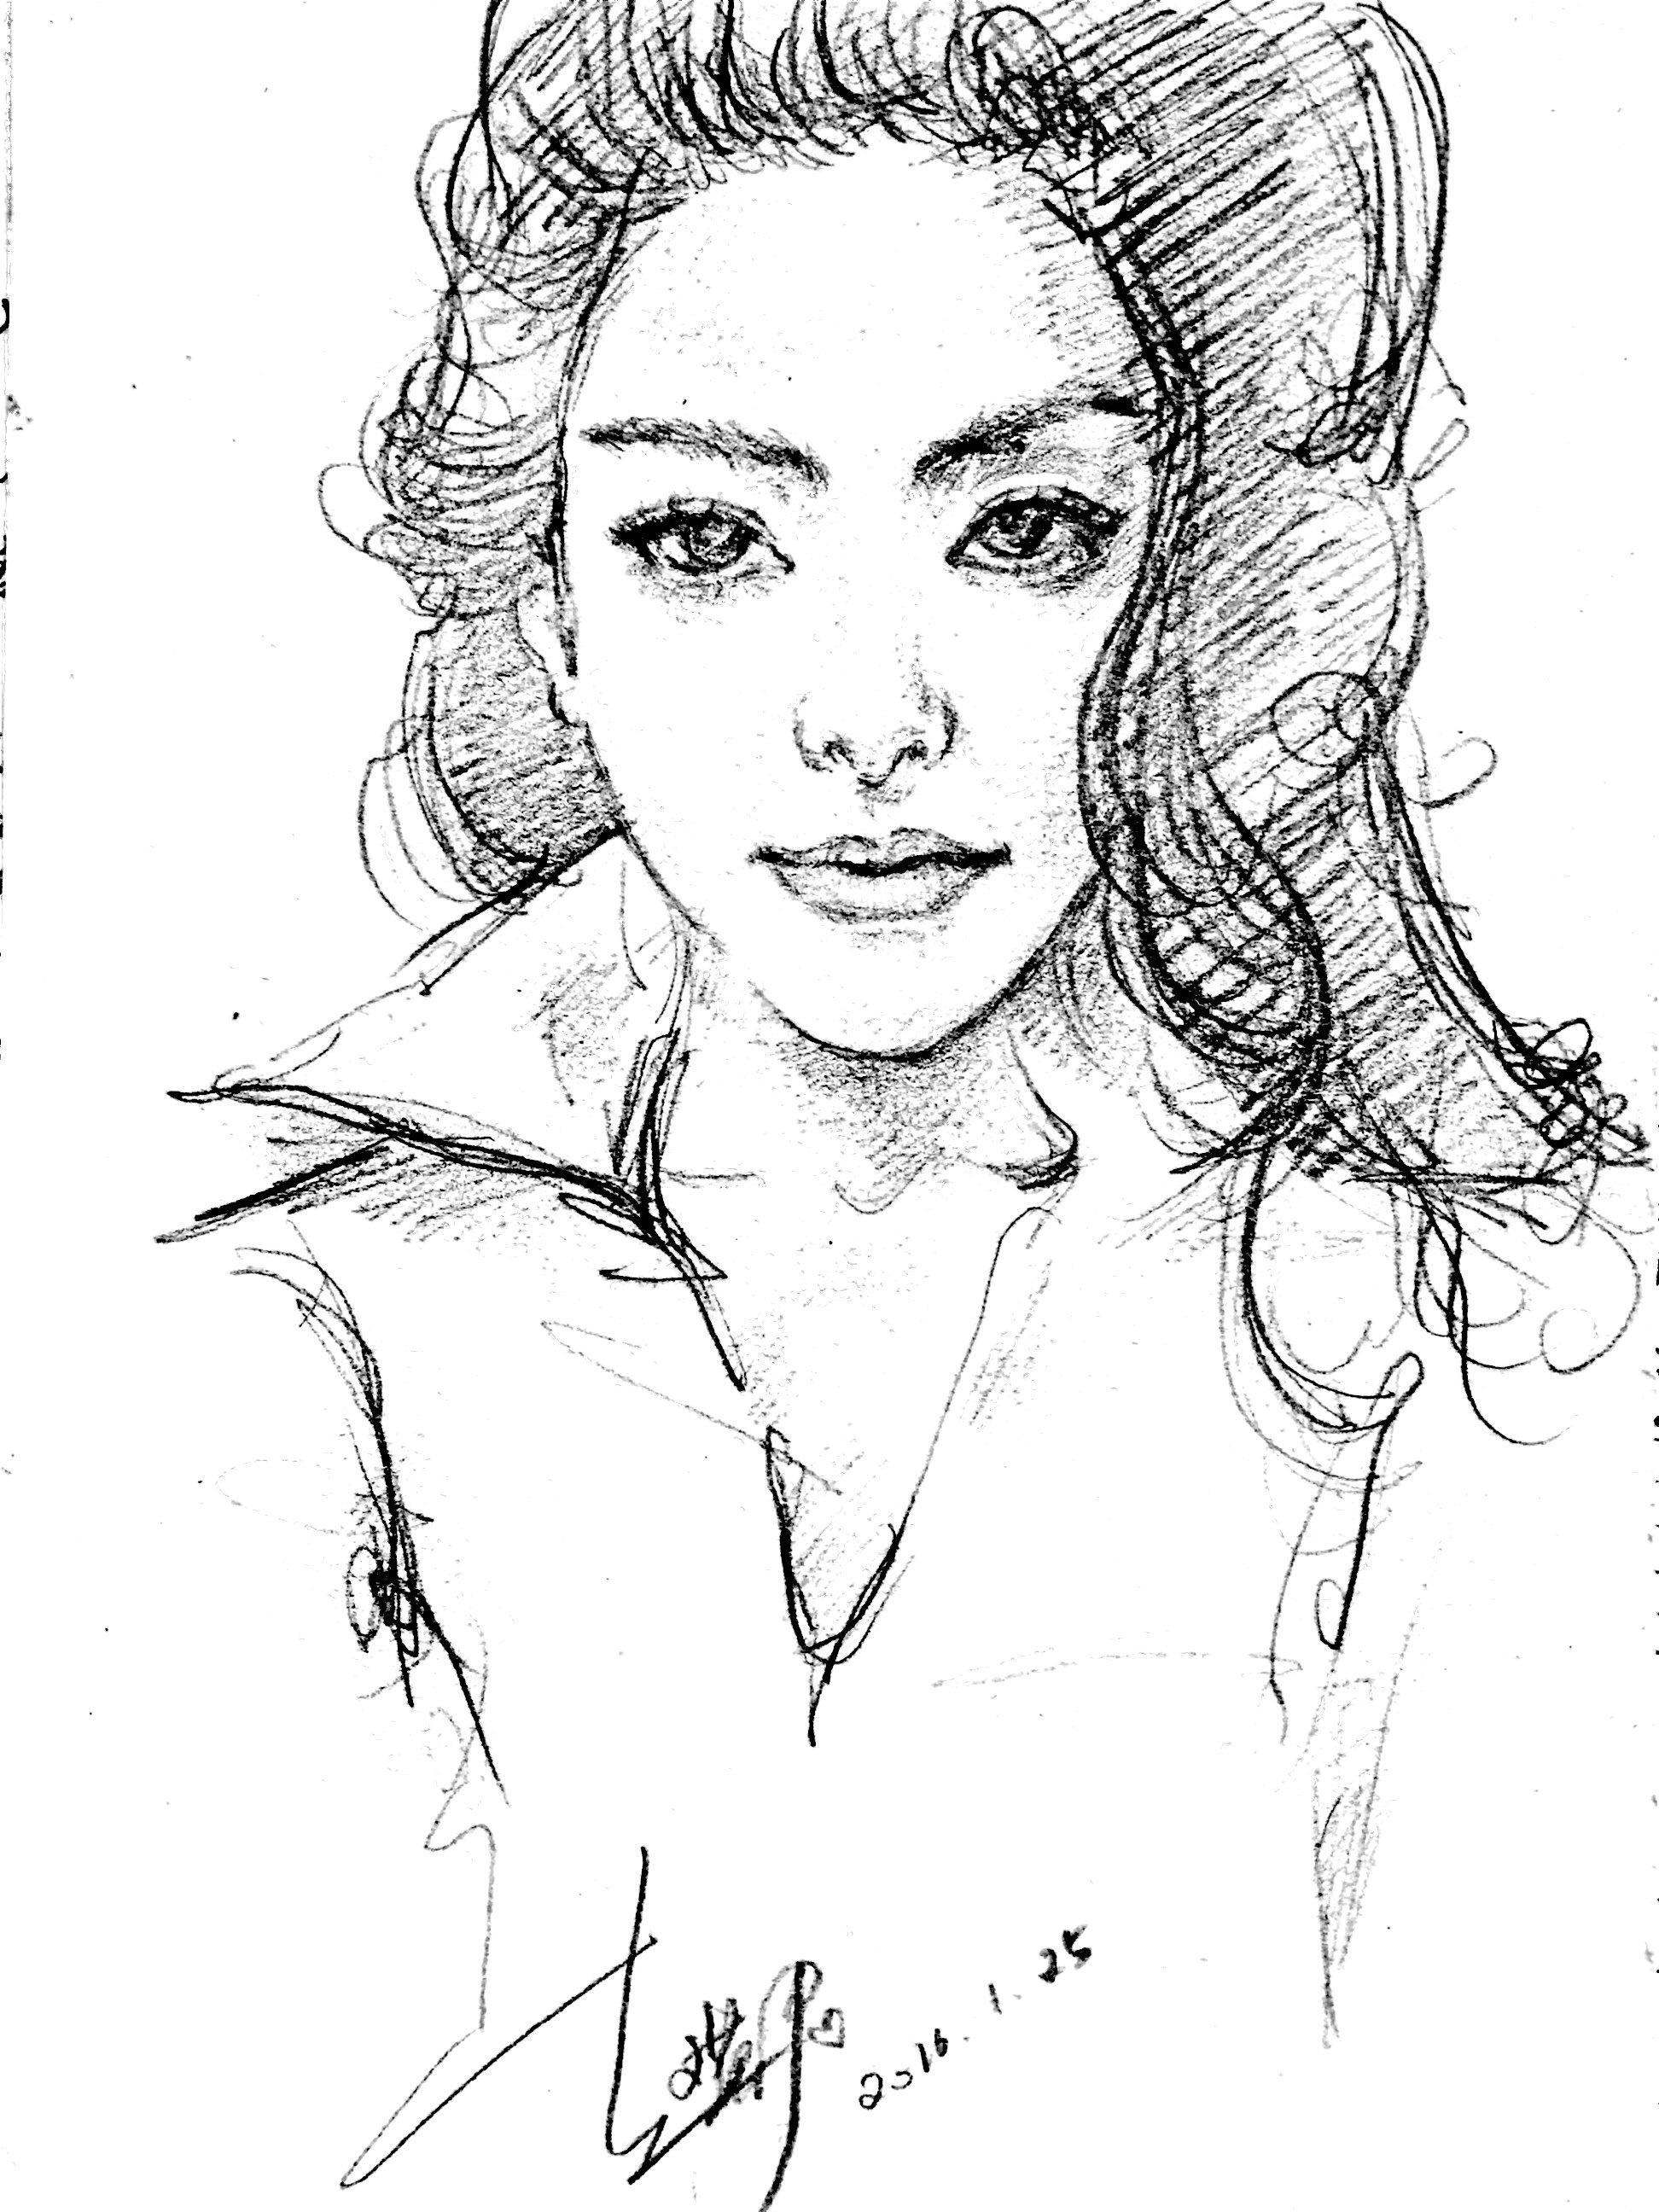 手绘线稿风景人物 纯艺术 钢笔画 hazel君君 - 原创